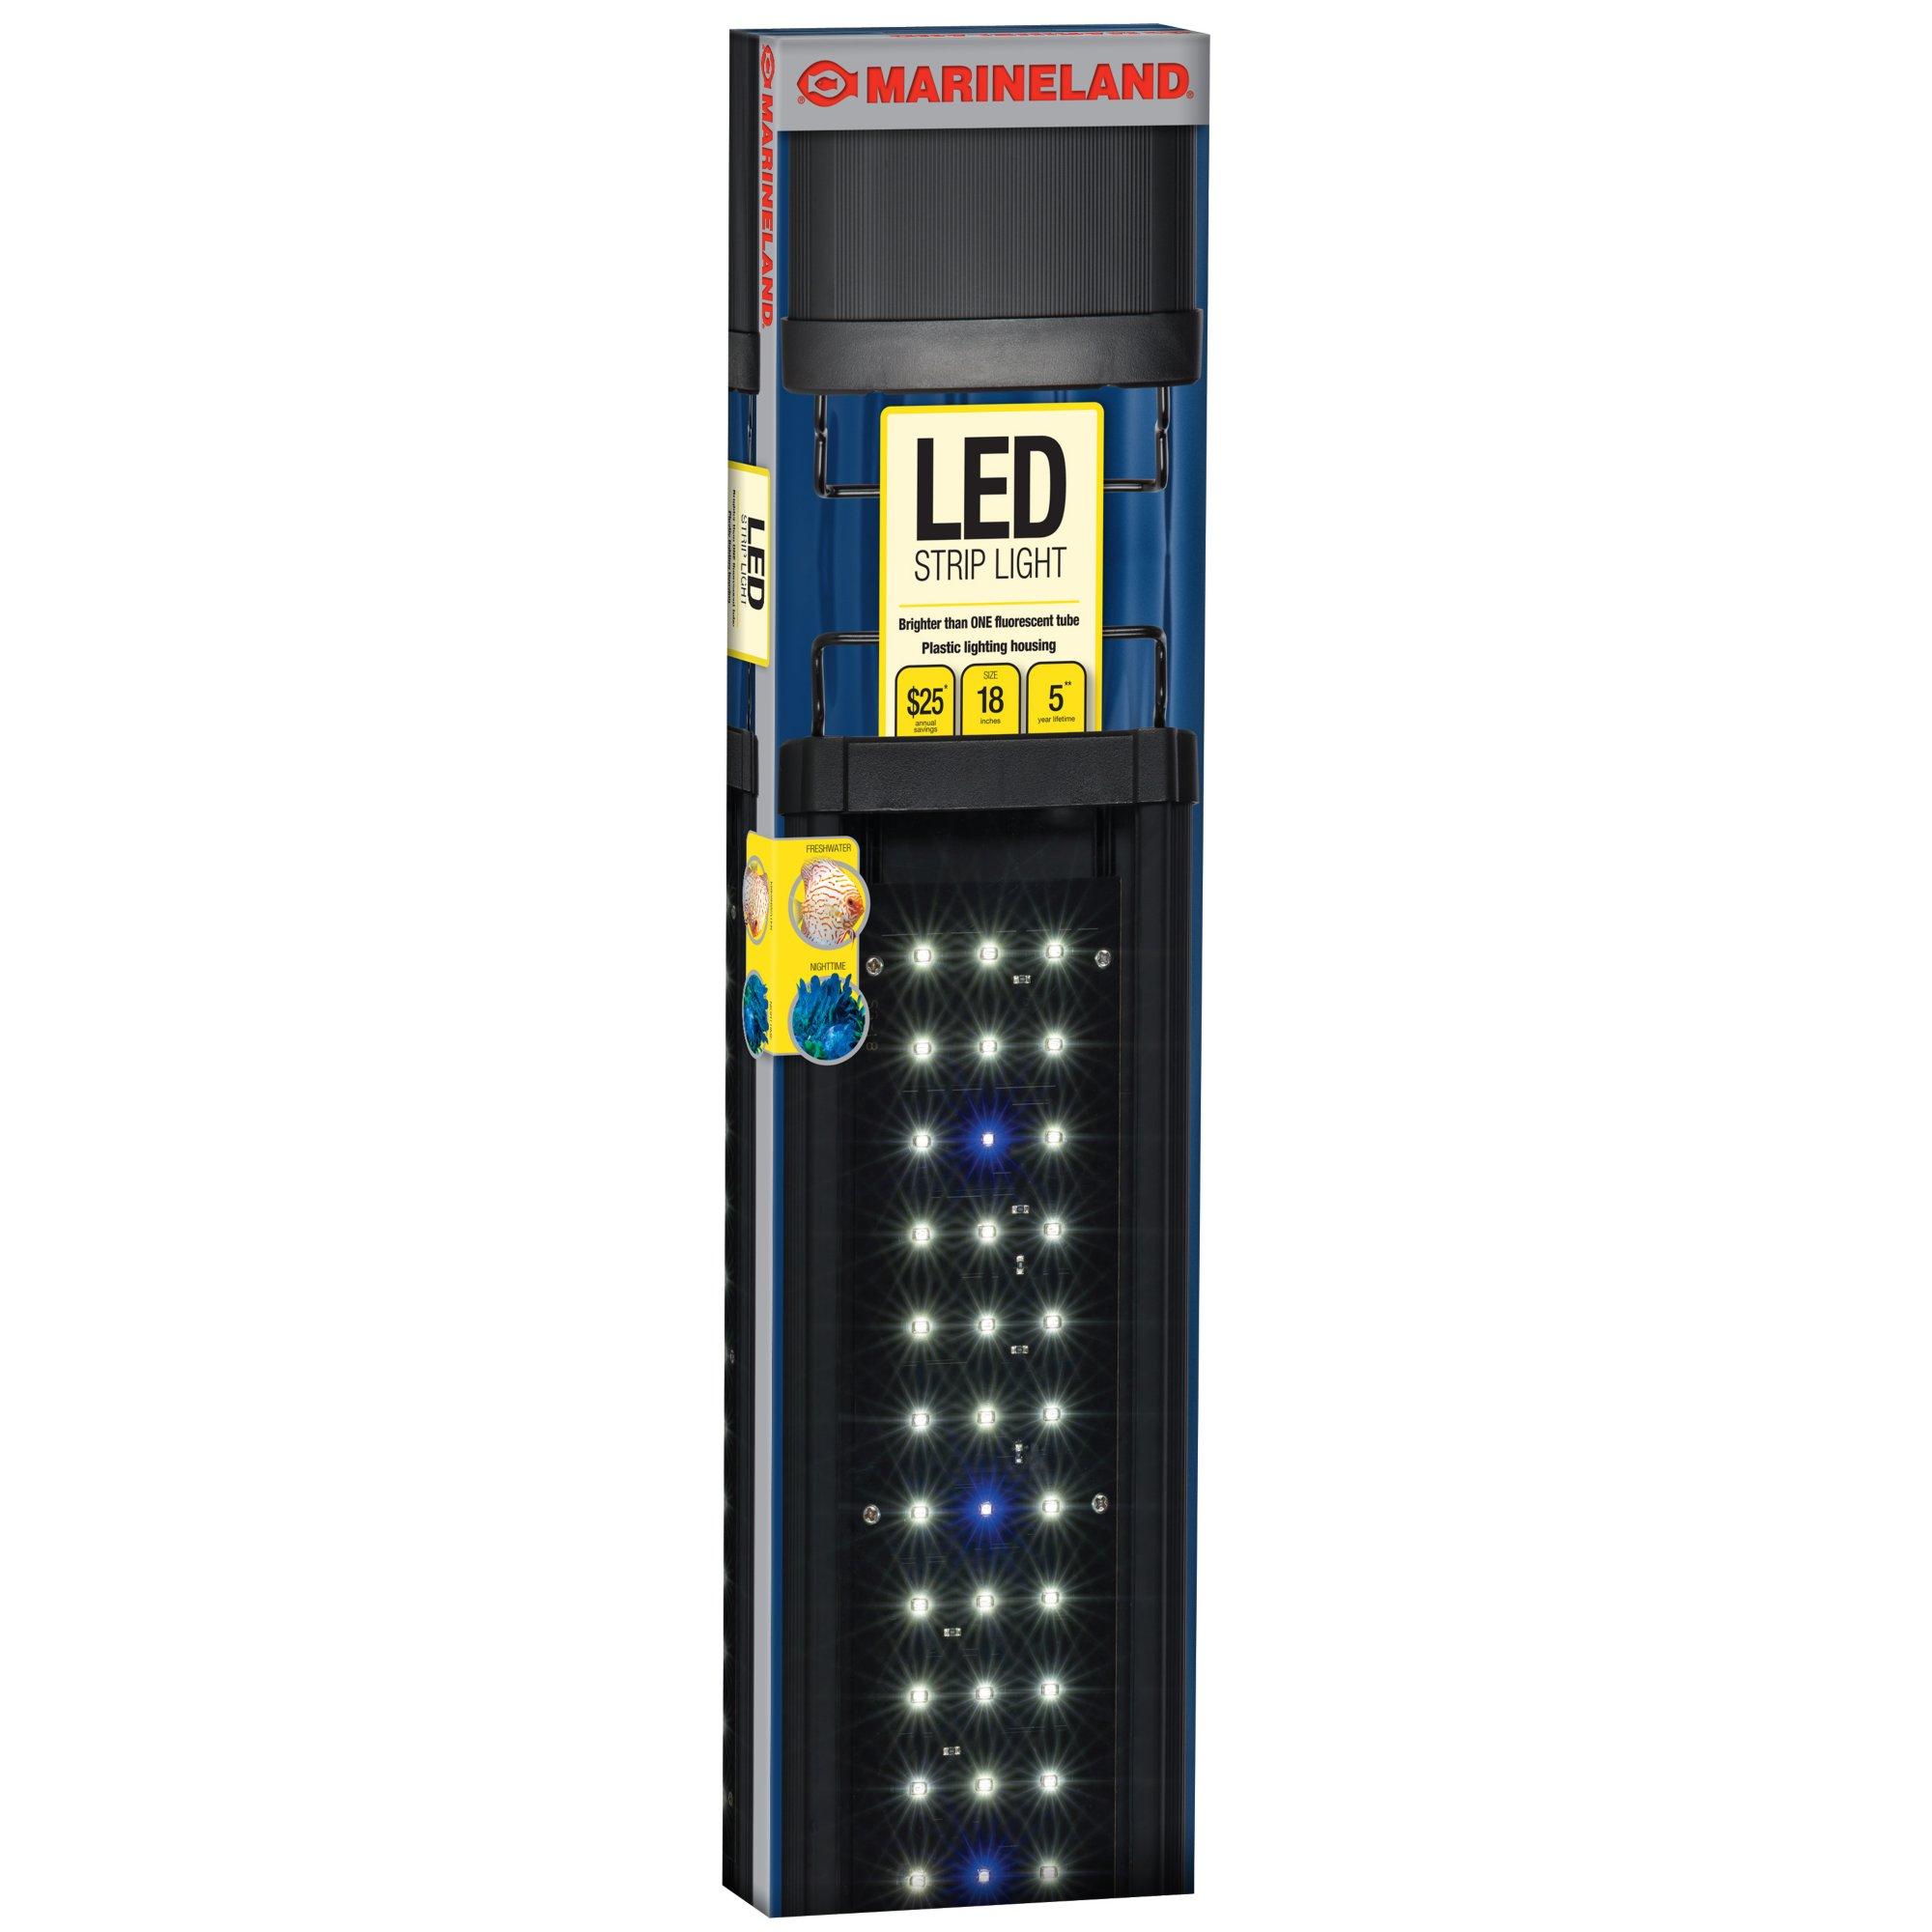 Using Shop Lights For Aquarium: Marineland LED Aquarium Strip Light, 18 In